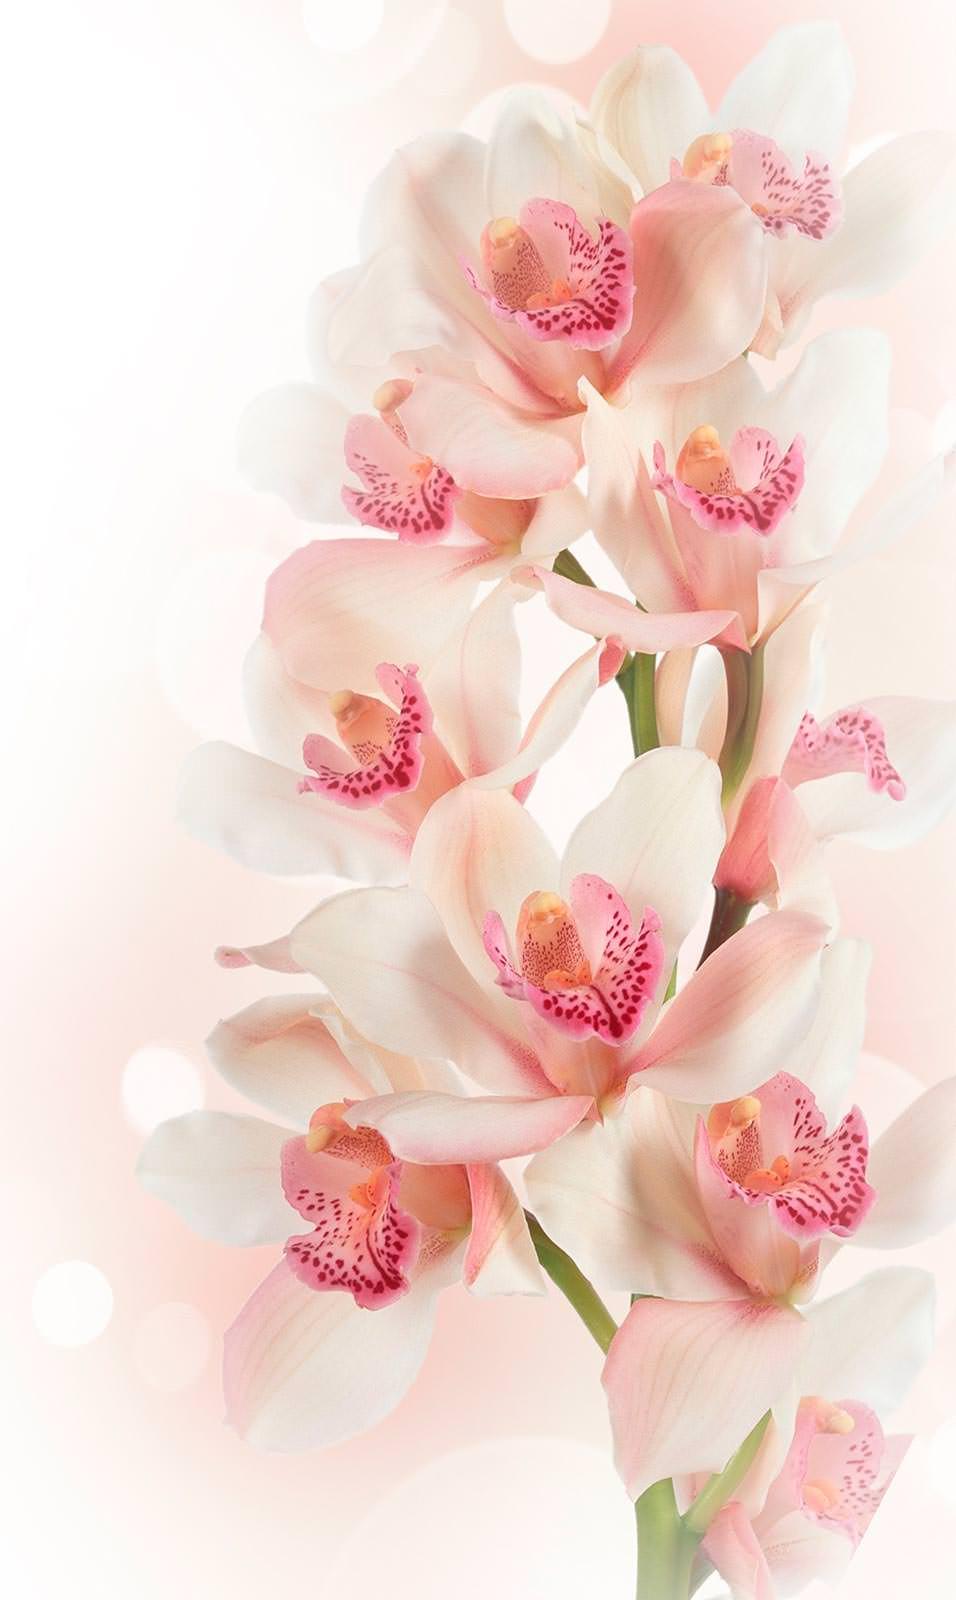 Орхидеи картинки для поздравления, прикол